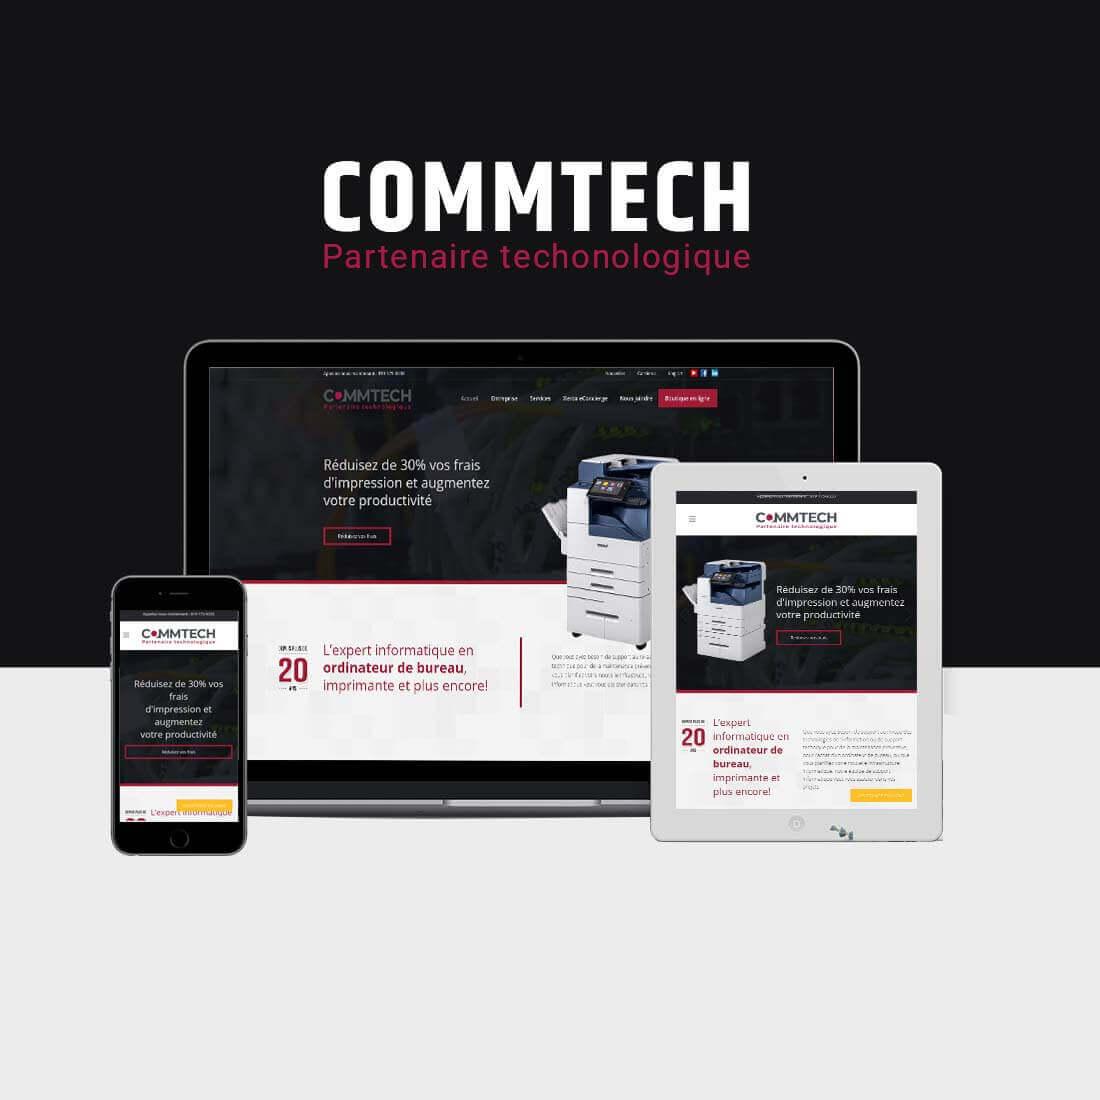 Commtech